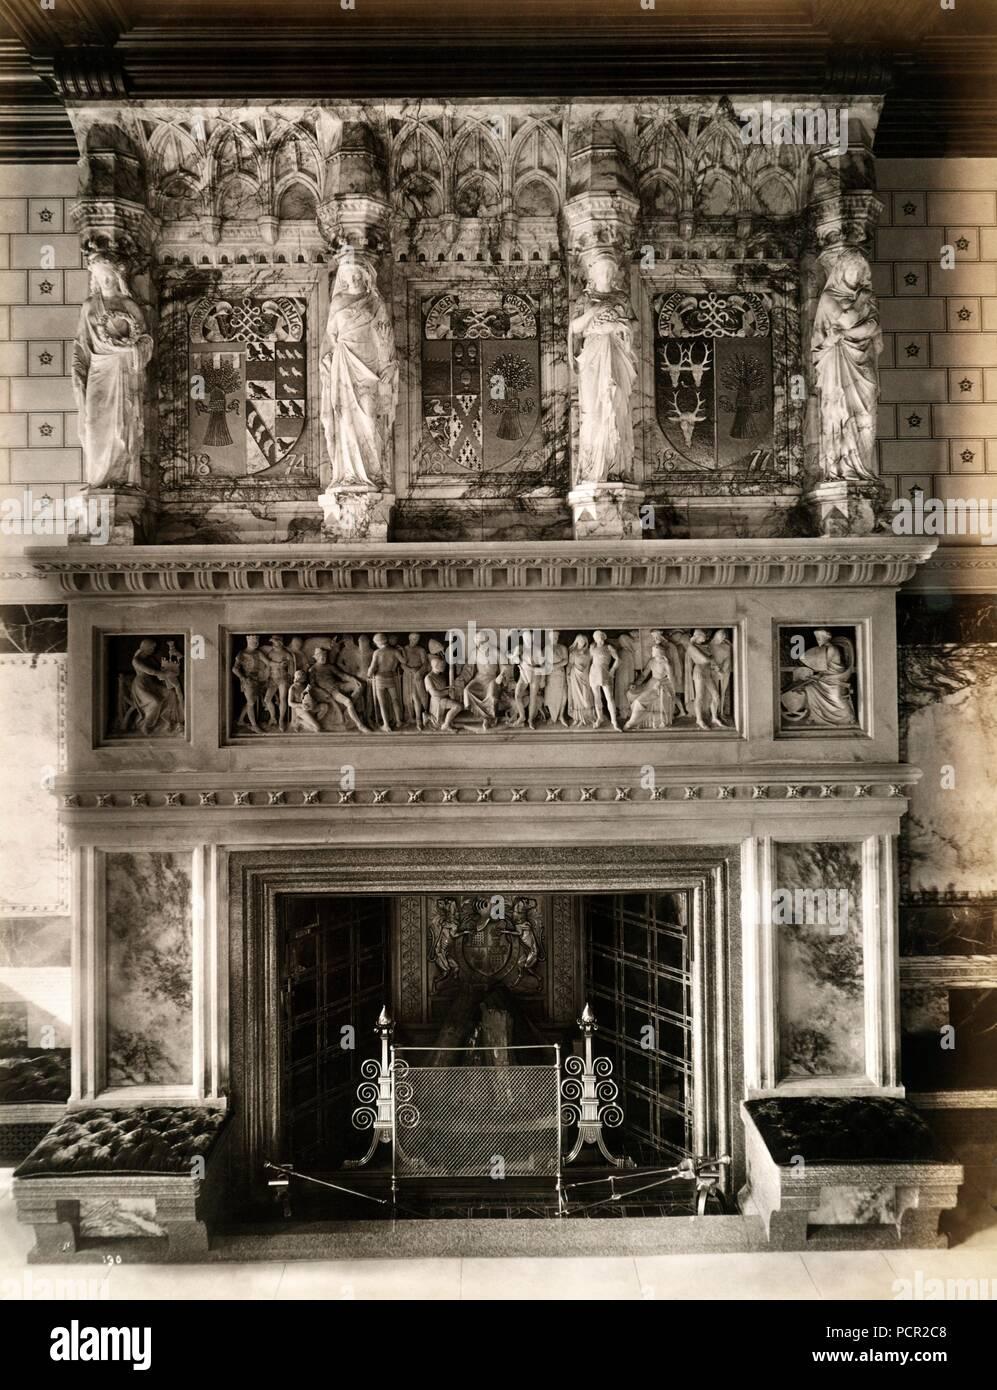 Camino e ornato da caminetto nel salone a Eaton Hall, Eccleston, Cheshire, 1887. Eaton Hall è stata rimaneggiata in stile gotico nel 1870-1882 da Alfred Waterhouse per il Duca di Westminster. Nel 1963 la parte principale della sala è stata demolita e una nuova hall costruita. La cappella e la torre dell orologio e le stalle sono state mantenute. Immagini Stock